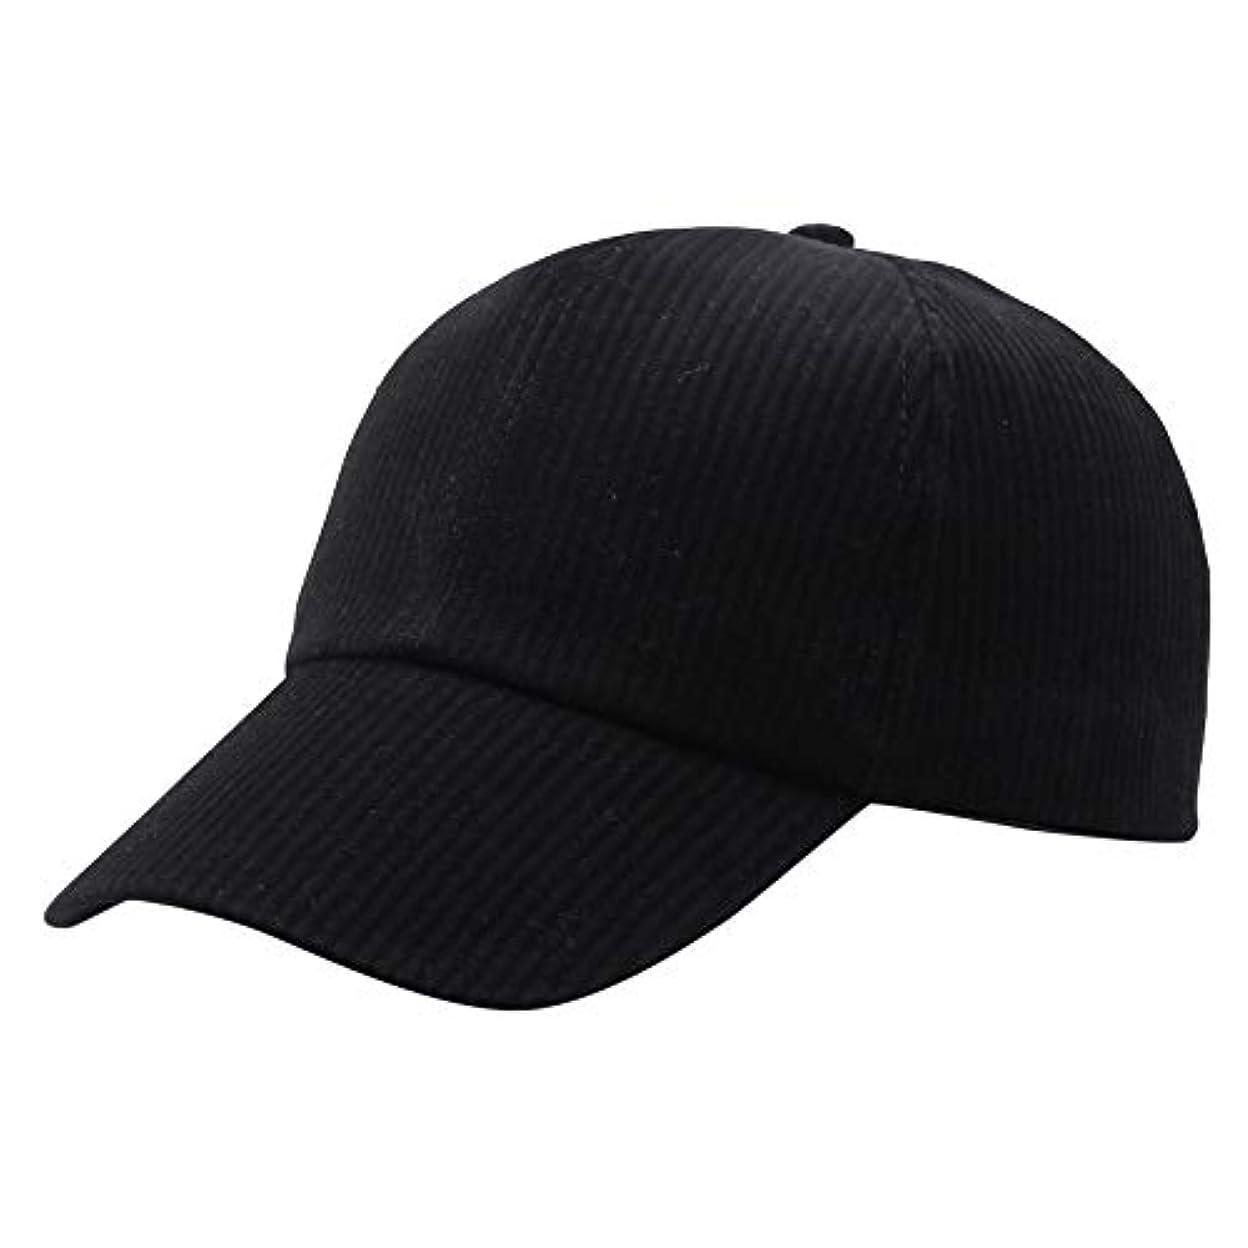 宝レルム詩Racazing Cap コーデュロイ 野球帽 迷彩 夏 登山 通気性のある メッシュ 帽子 ベルクロ 可調整可能 ストライプ 刺繍 棒球帽 UV 帽子 軽量 屋外 Unisex Hat (B)